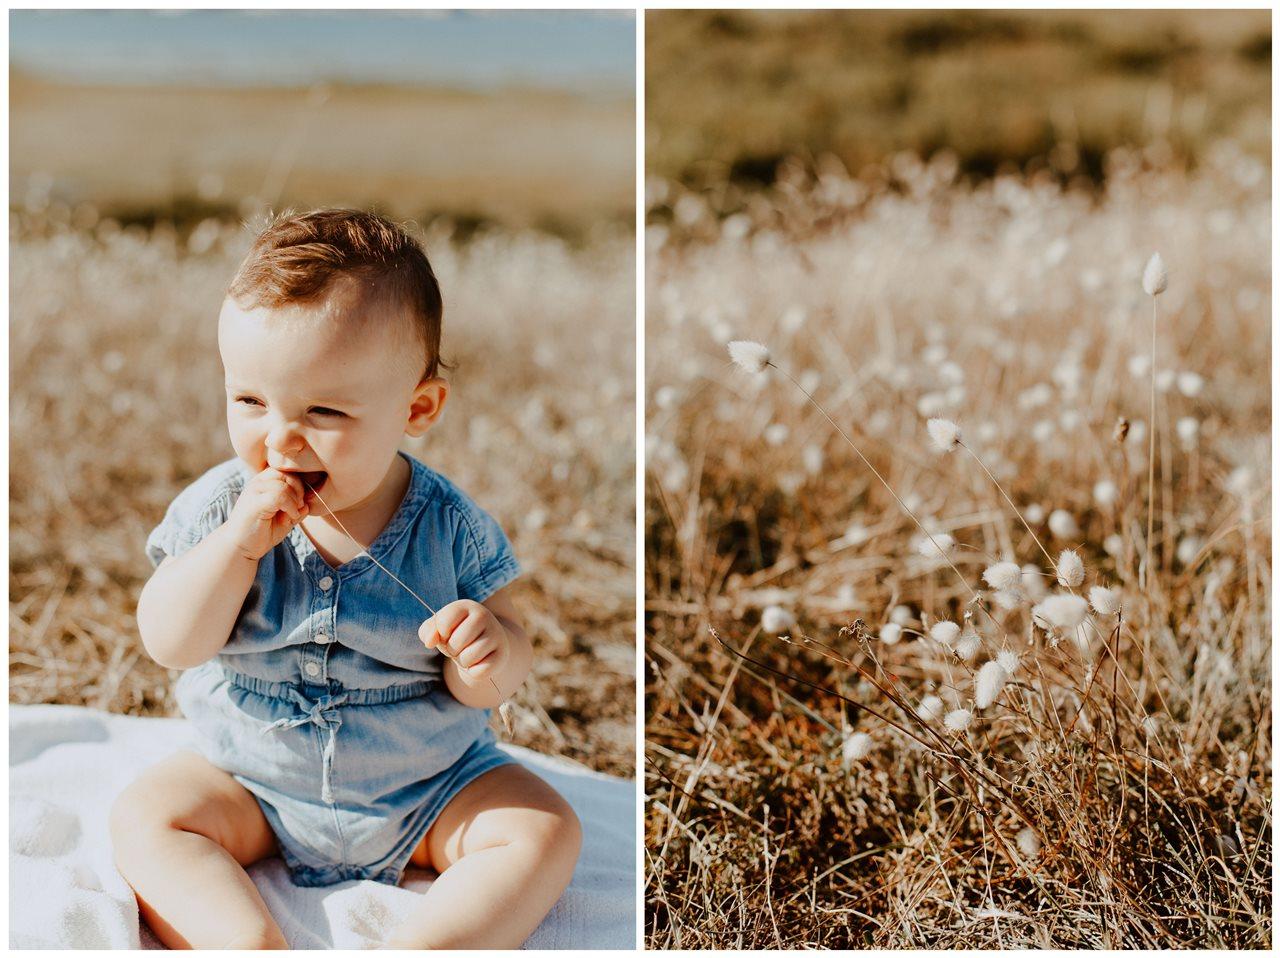 séance-photo-famille-Pen-Bron-portrait-bébé-détails-nature